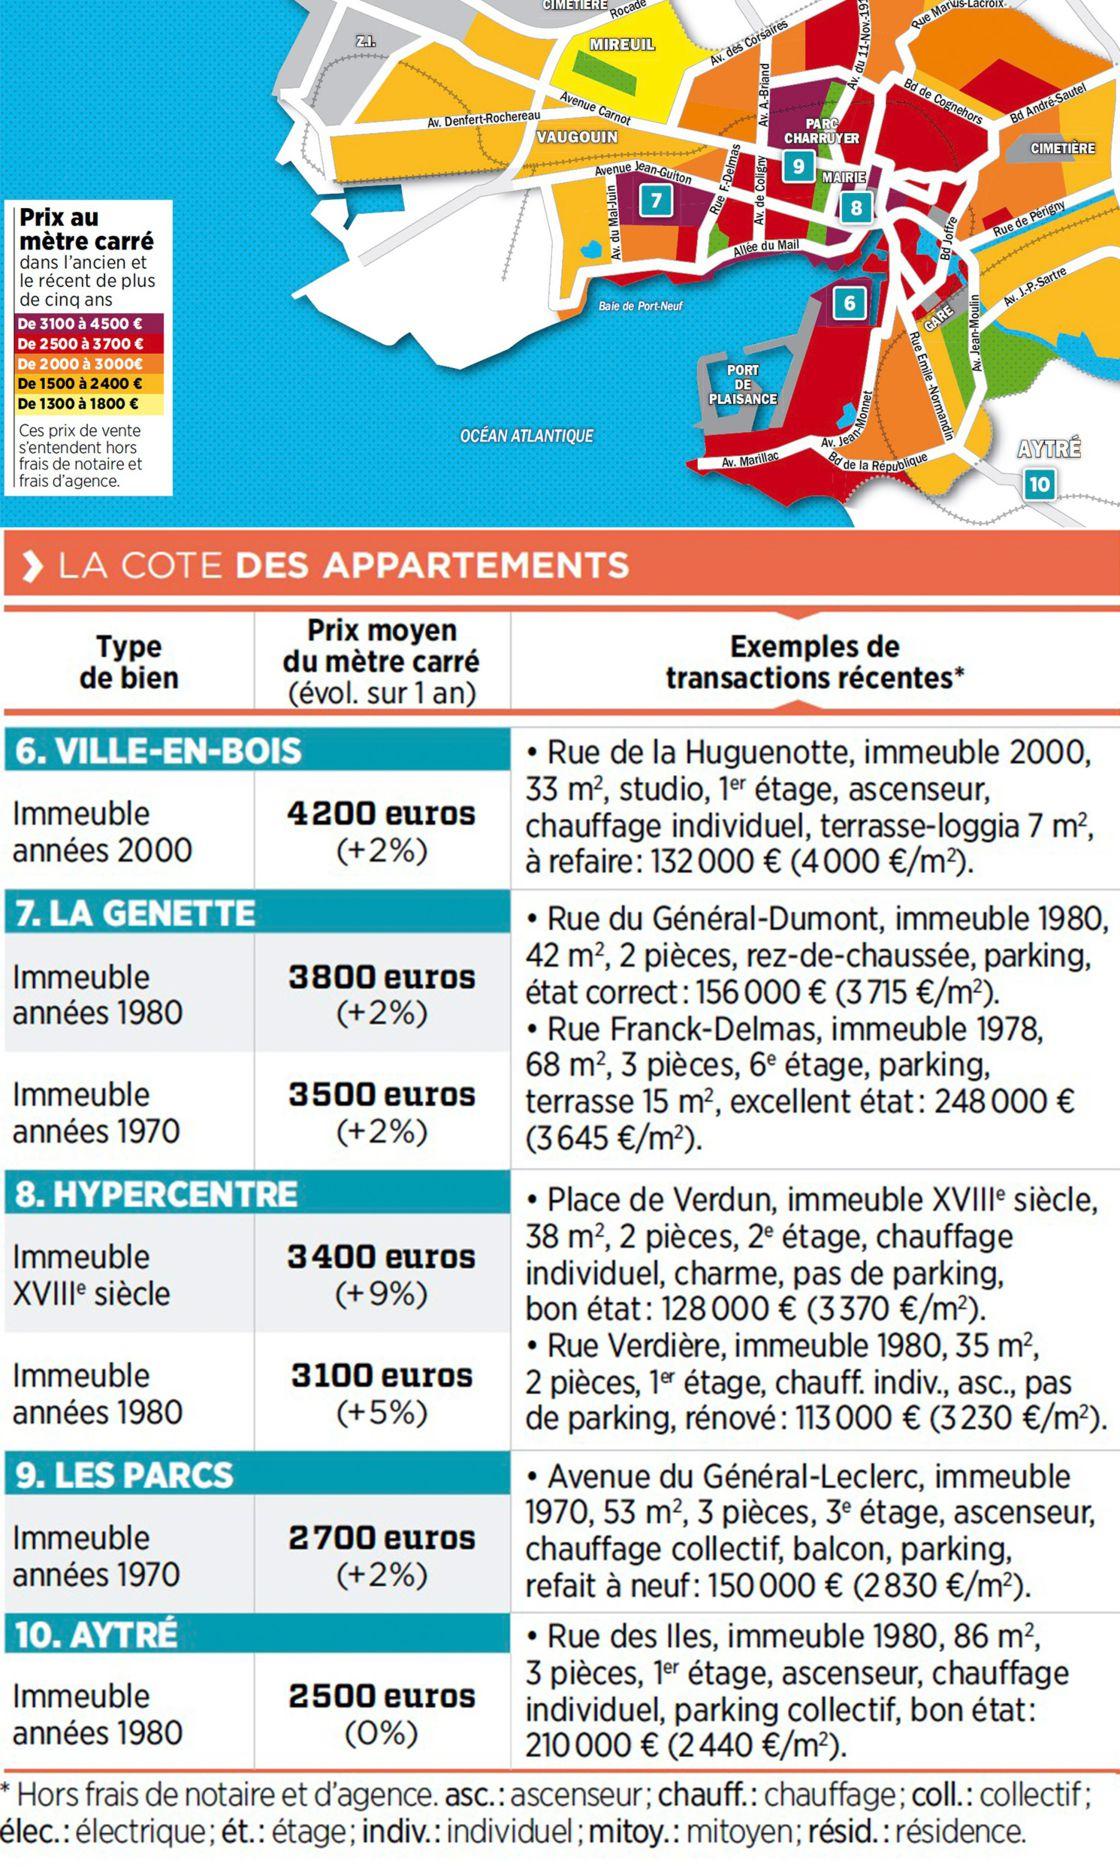 Immobilier À La Rochelle : La Carte Des Prix 2018 - Capital.fr à On Va Sortir La Rochelle